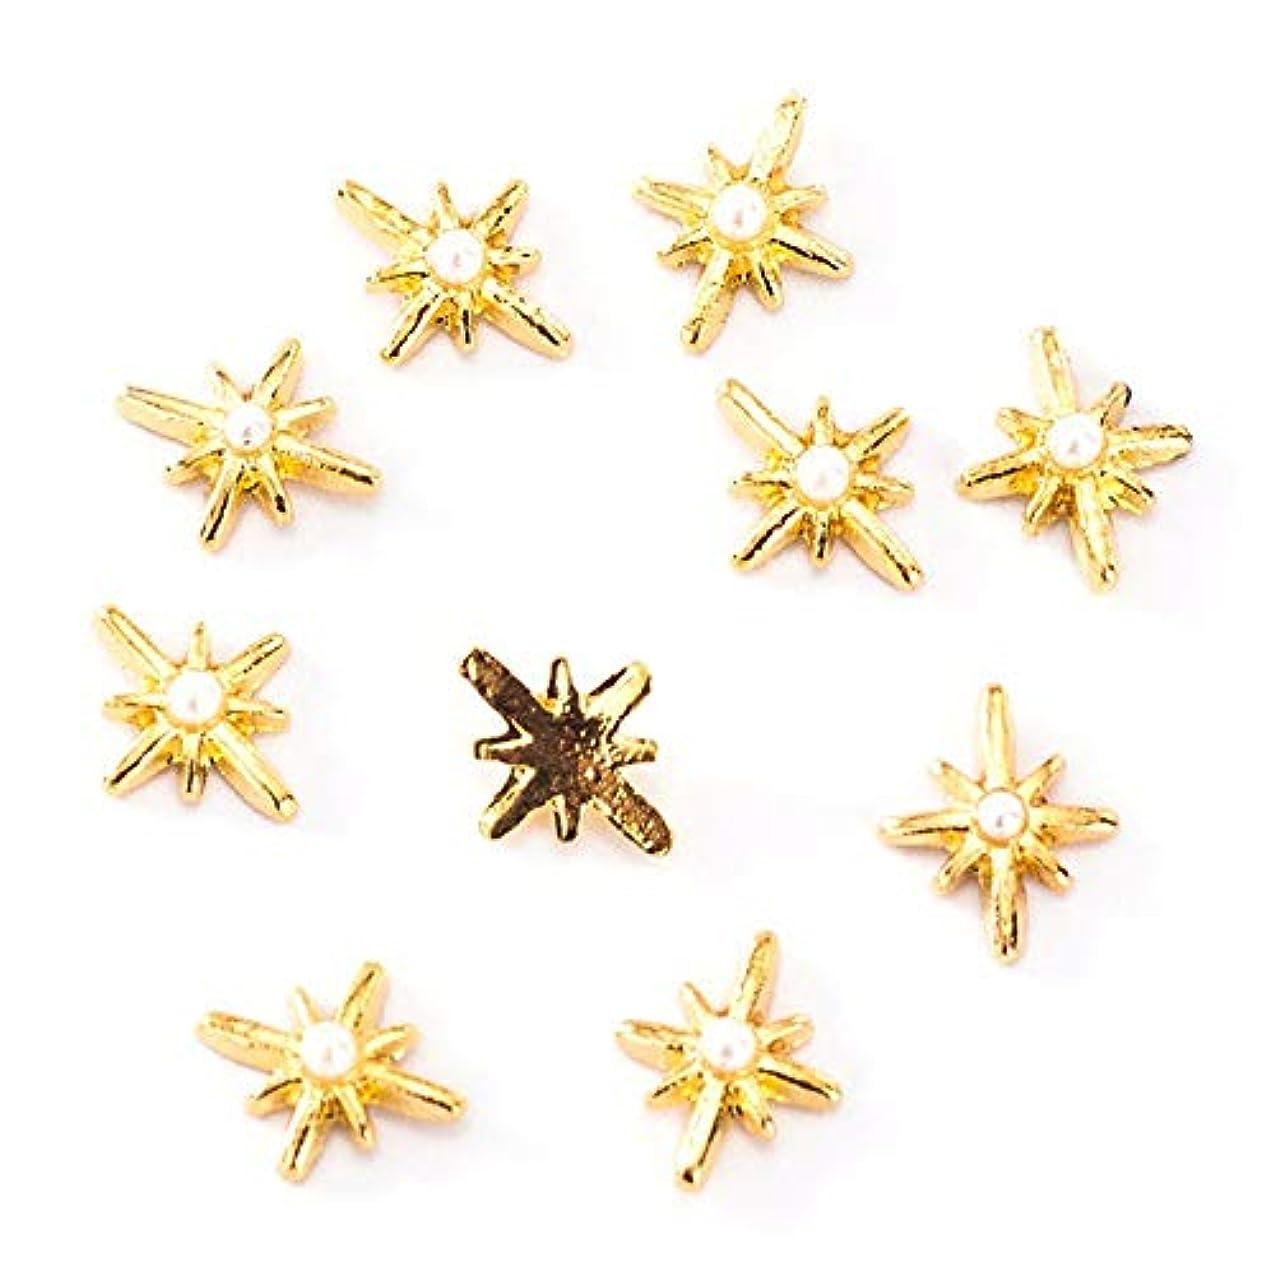 関与するベイビー心理的10個入り/ロットグリッターネイルアートの装飾不規則なゴールドメタルスターデザインマニキュアネイルアートスタッドアクセサリー